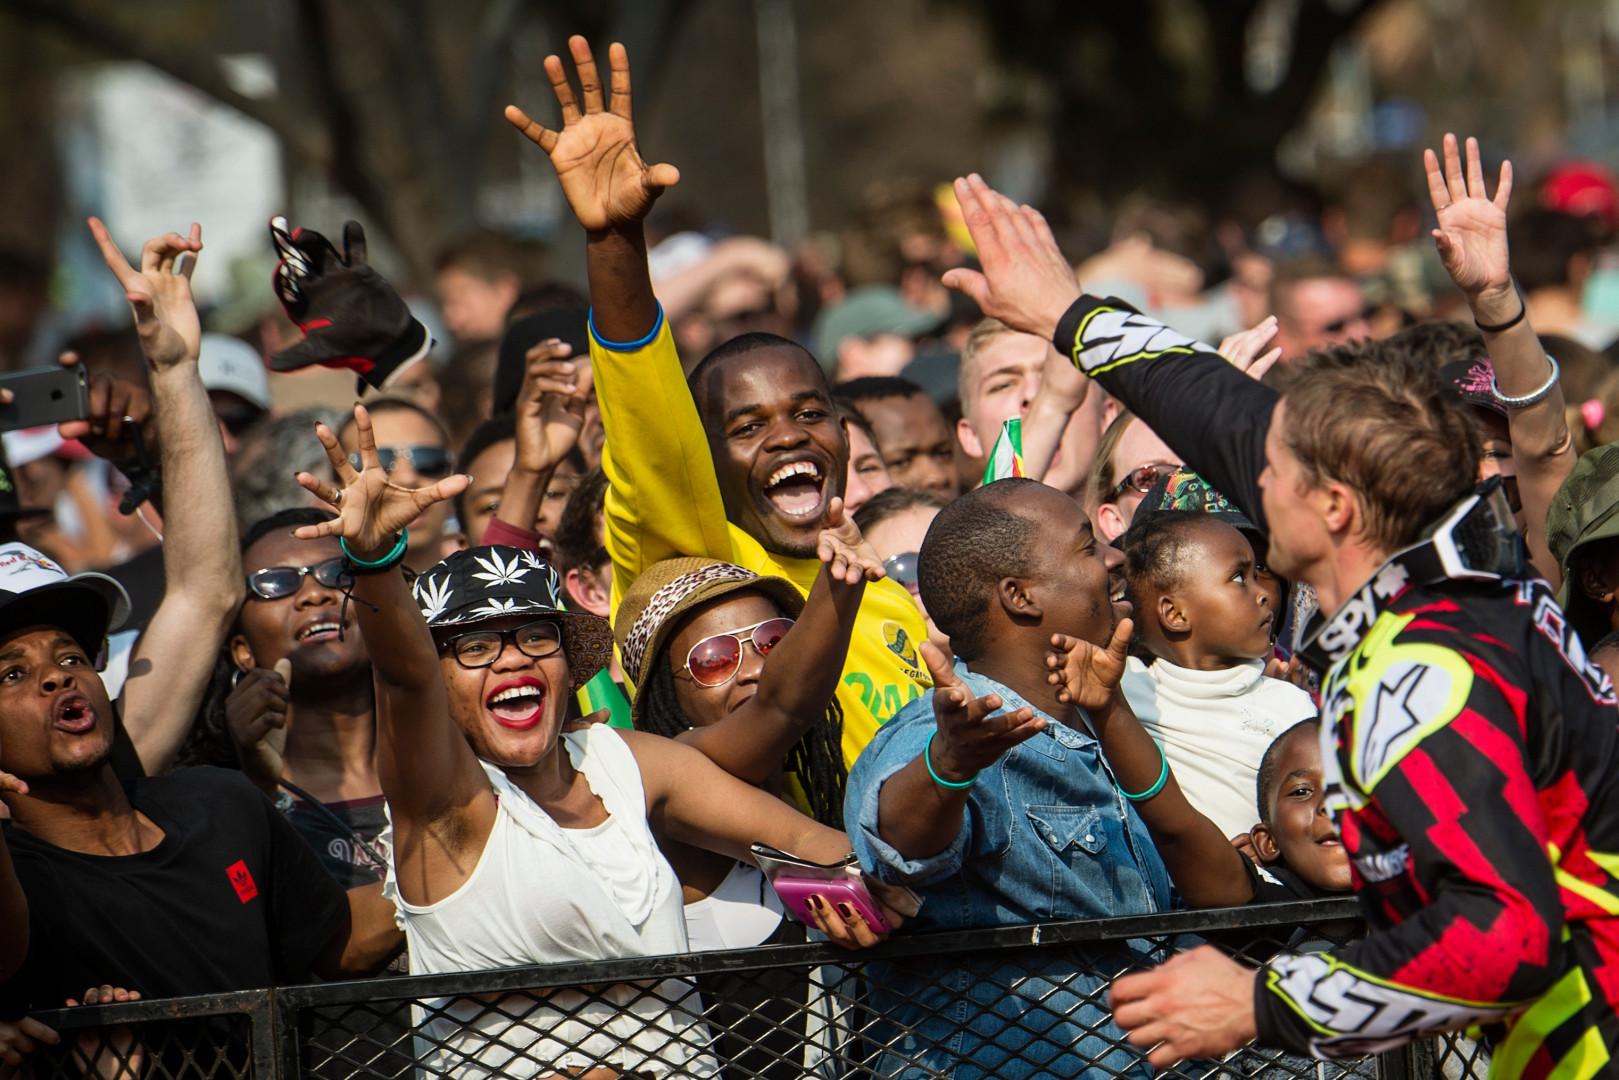 Des fans lors de l'épreuve de Pretoria